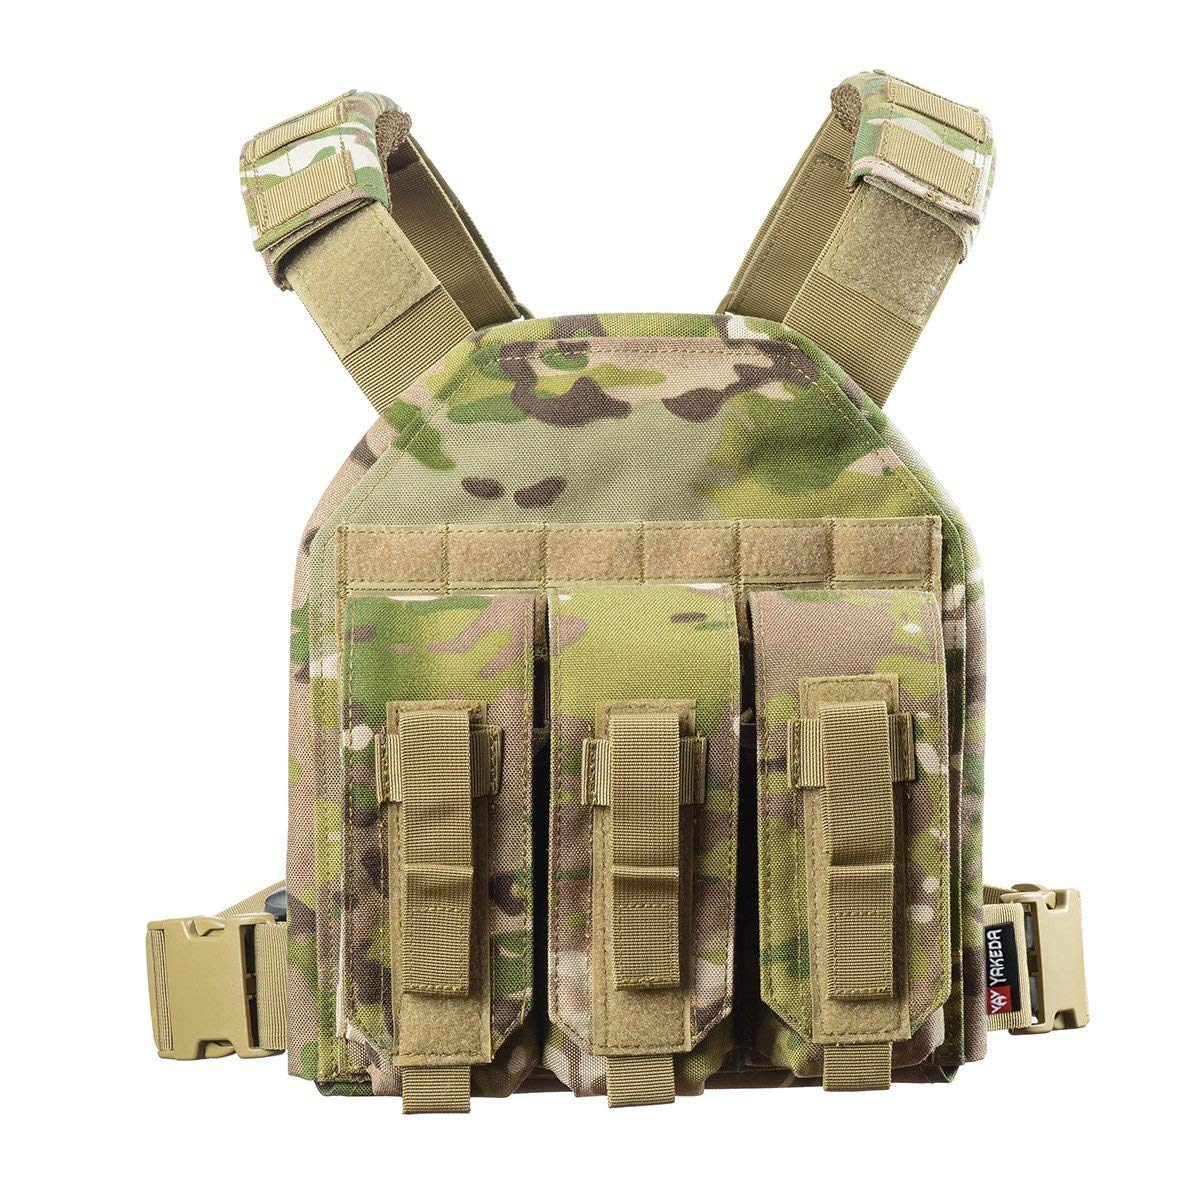 vAv YAKEDA Nylon Tactical Sling Bag Cross Body Gun Backpack Design for Handgun Move Quickly